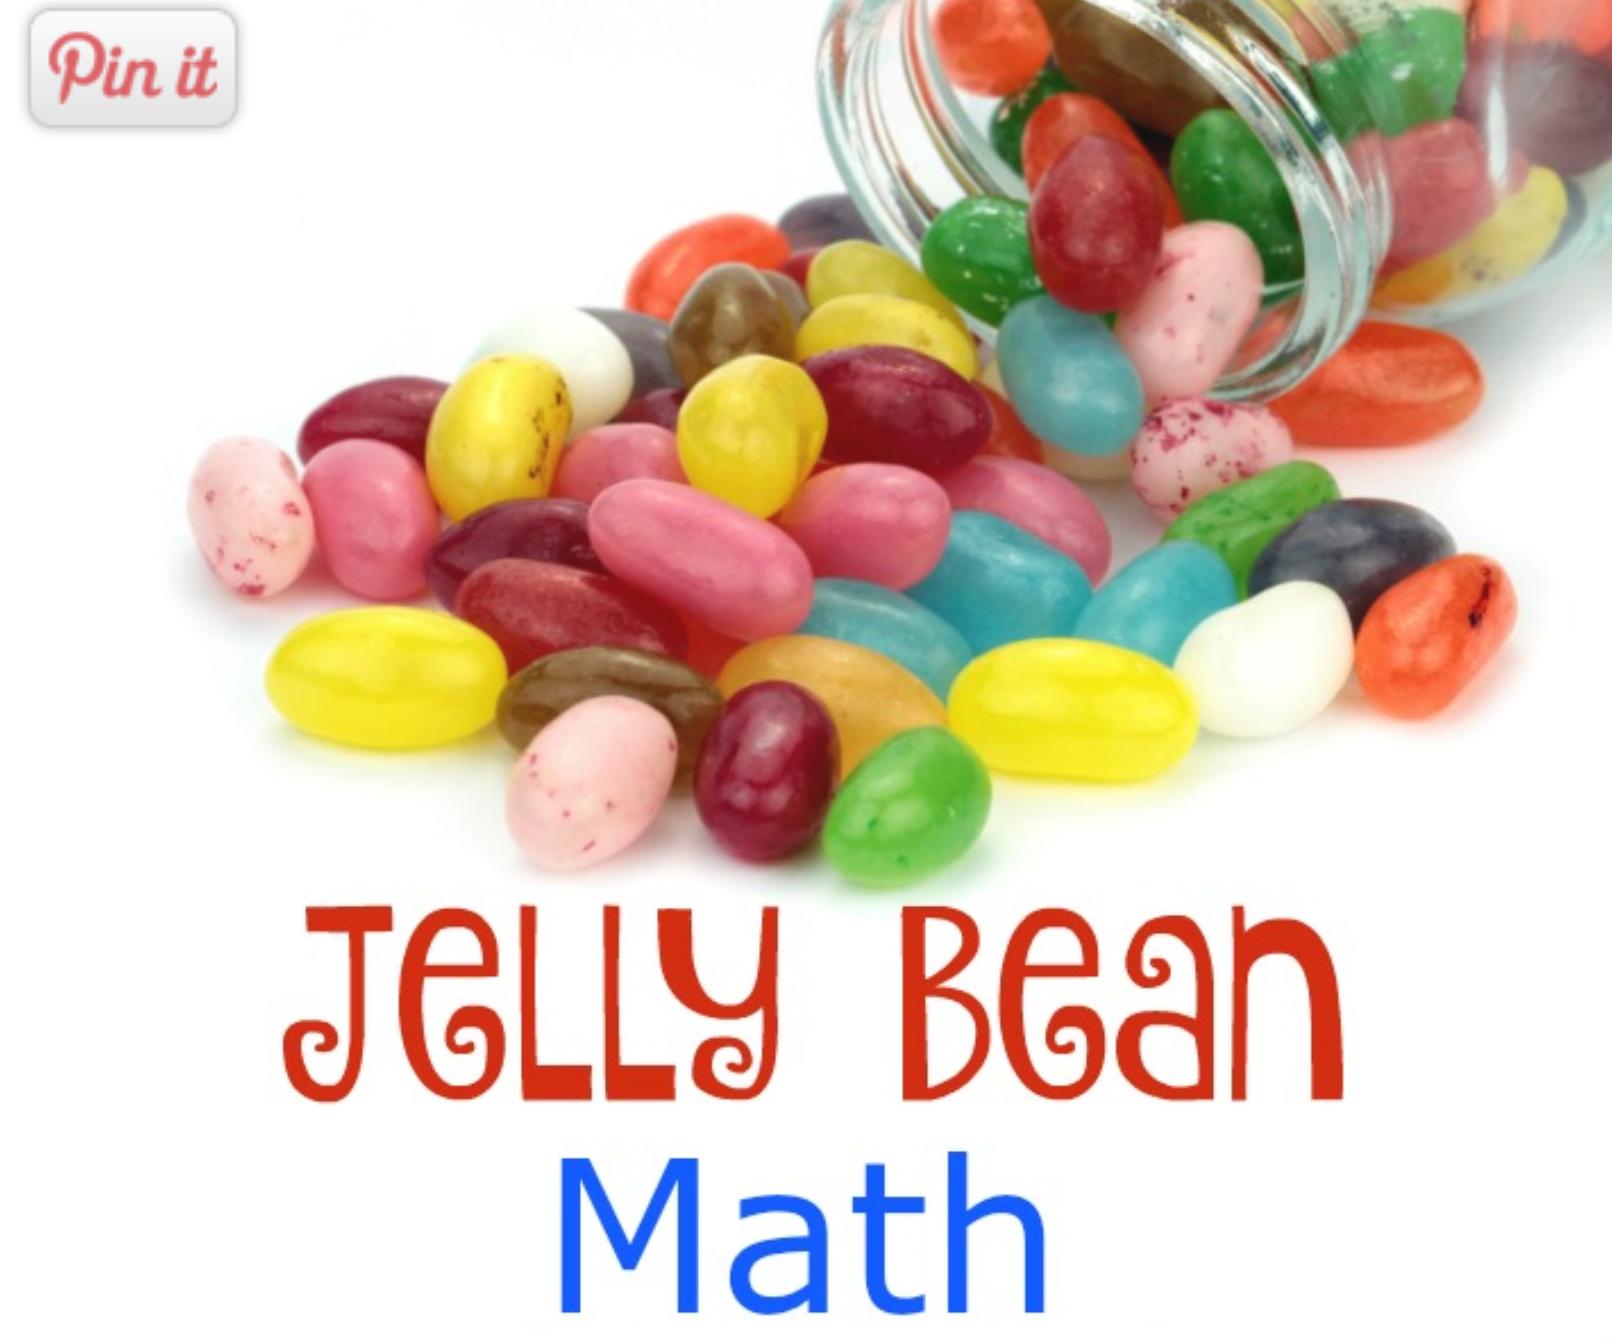 Jelly Bean Math In